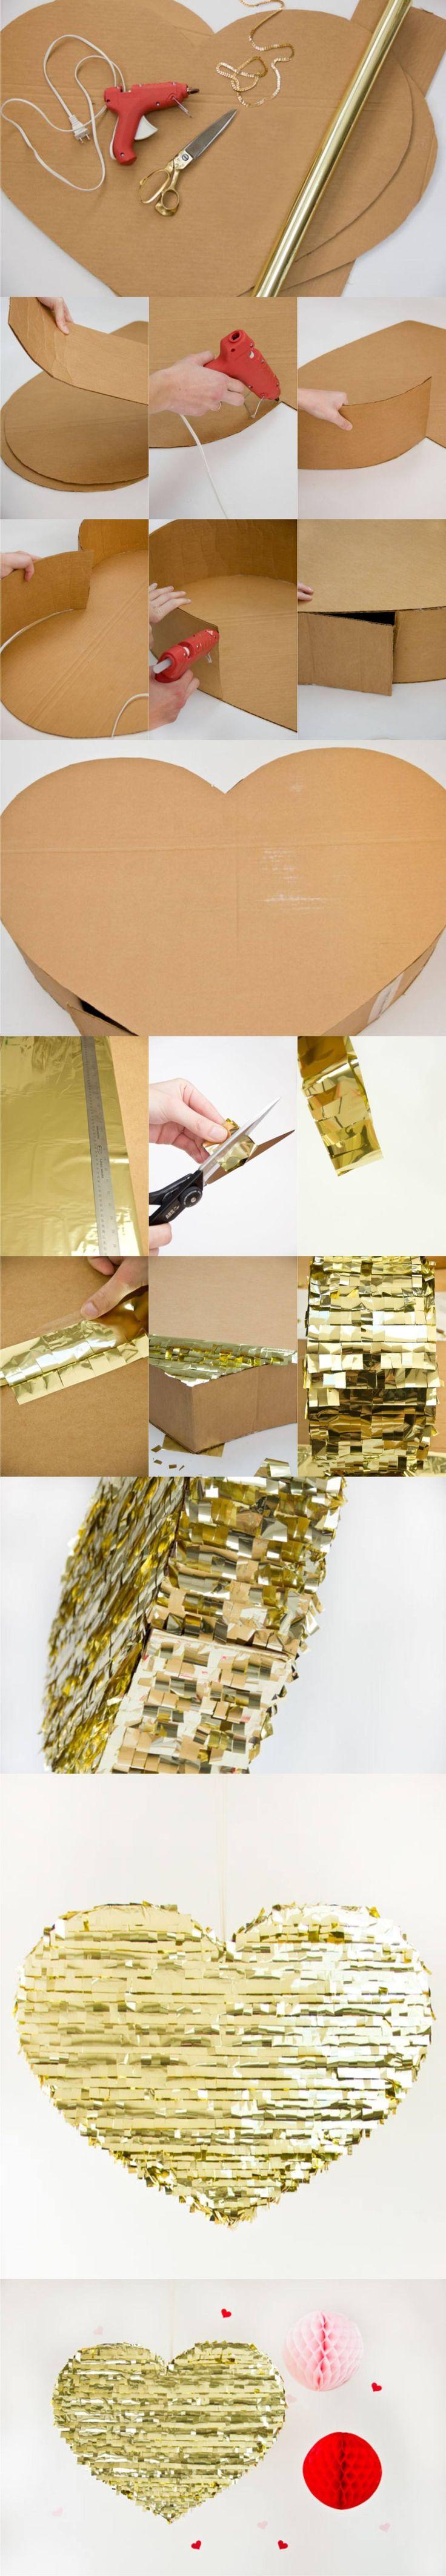 Corazón dorado para decorar en Nochevieja - DIY Gold Piñata -studiodiy.com